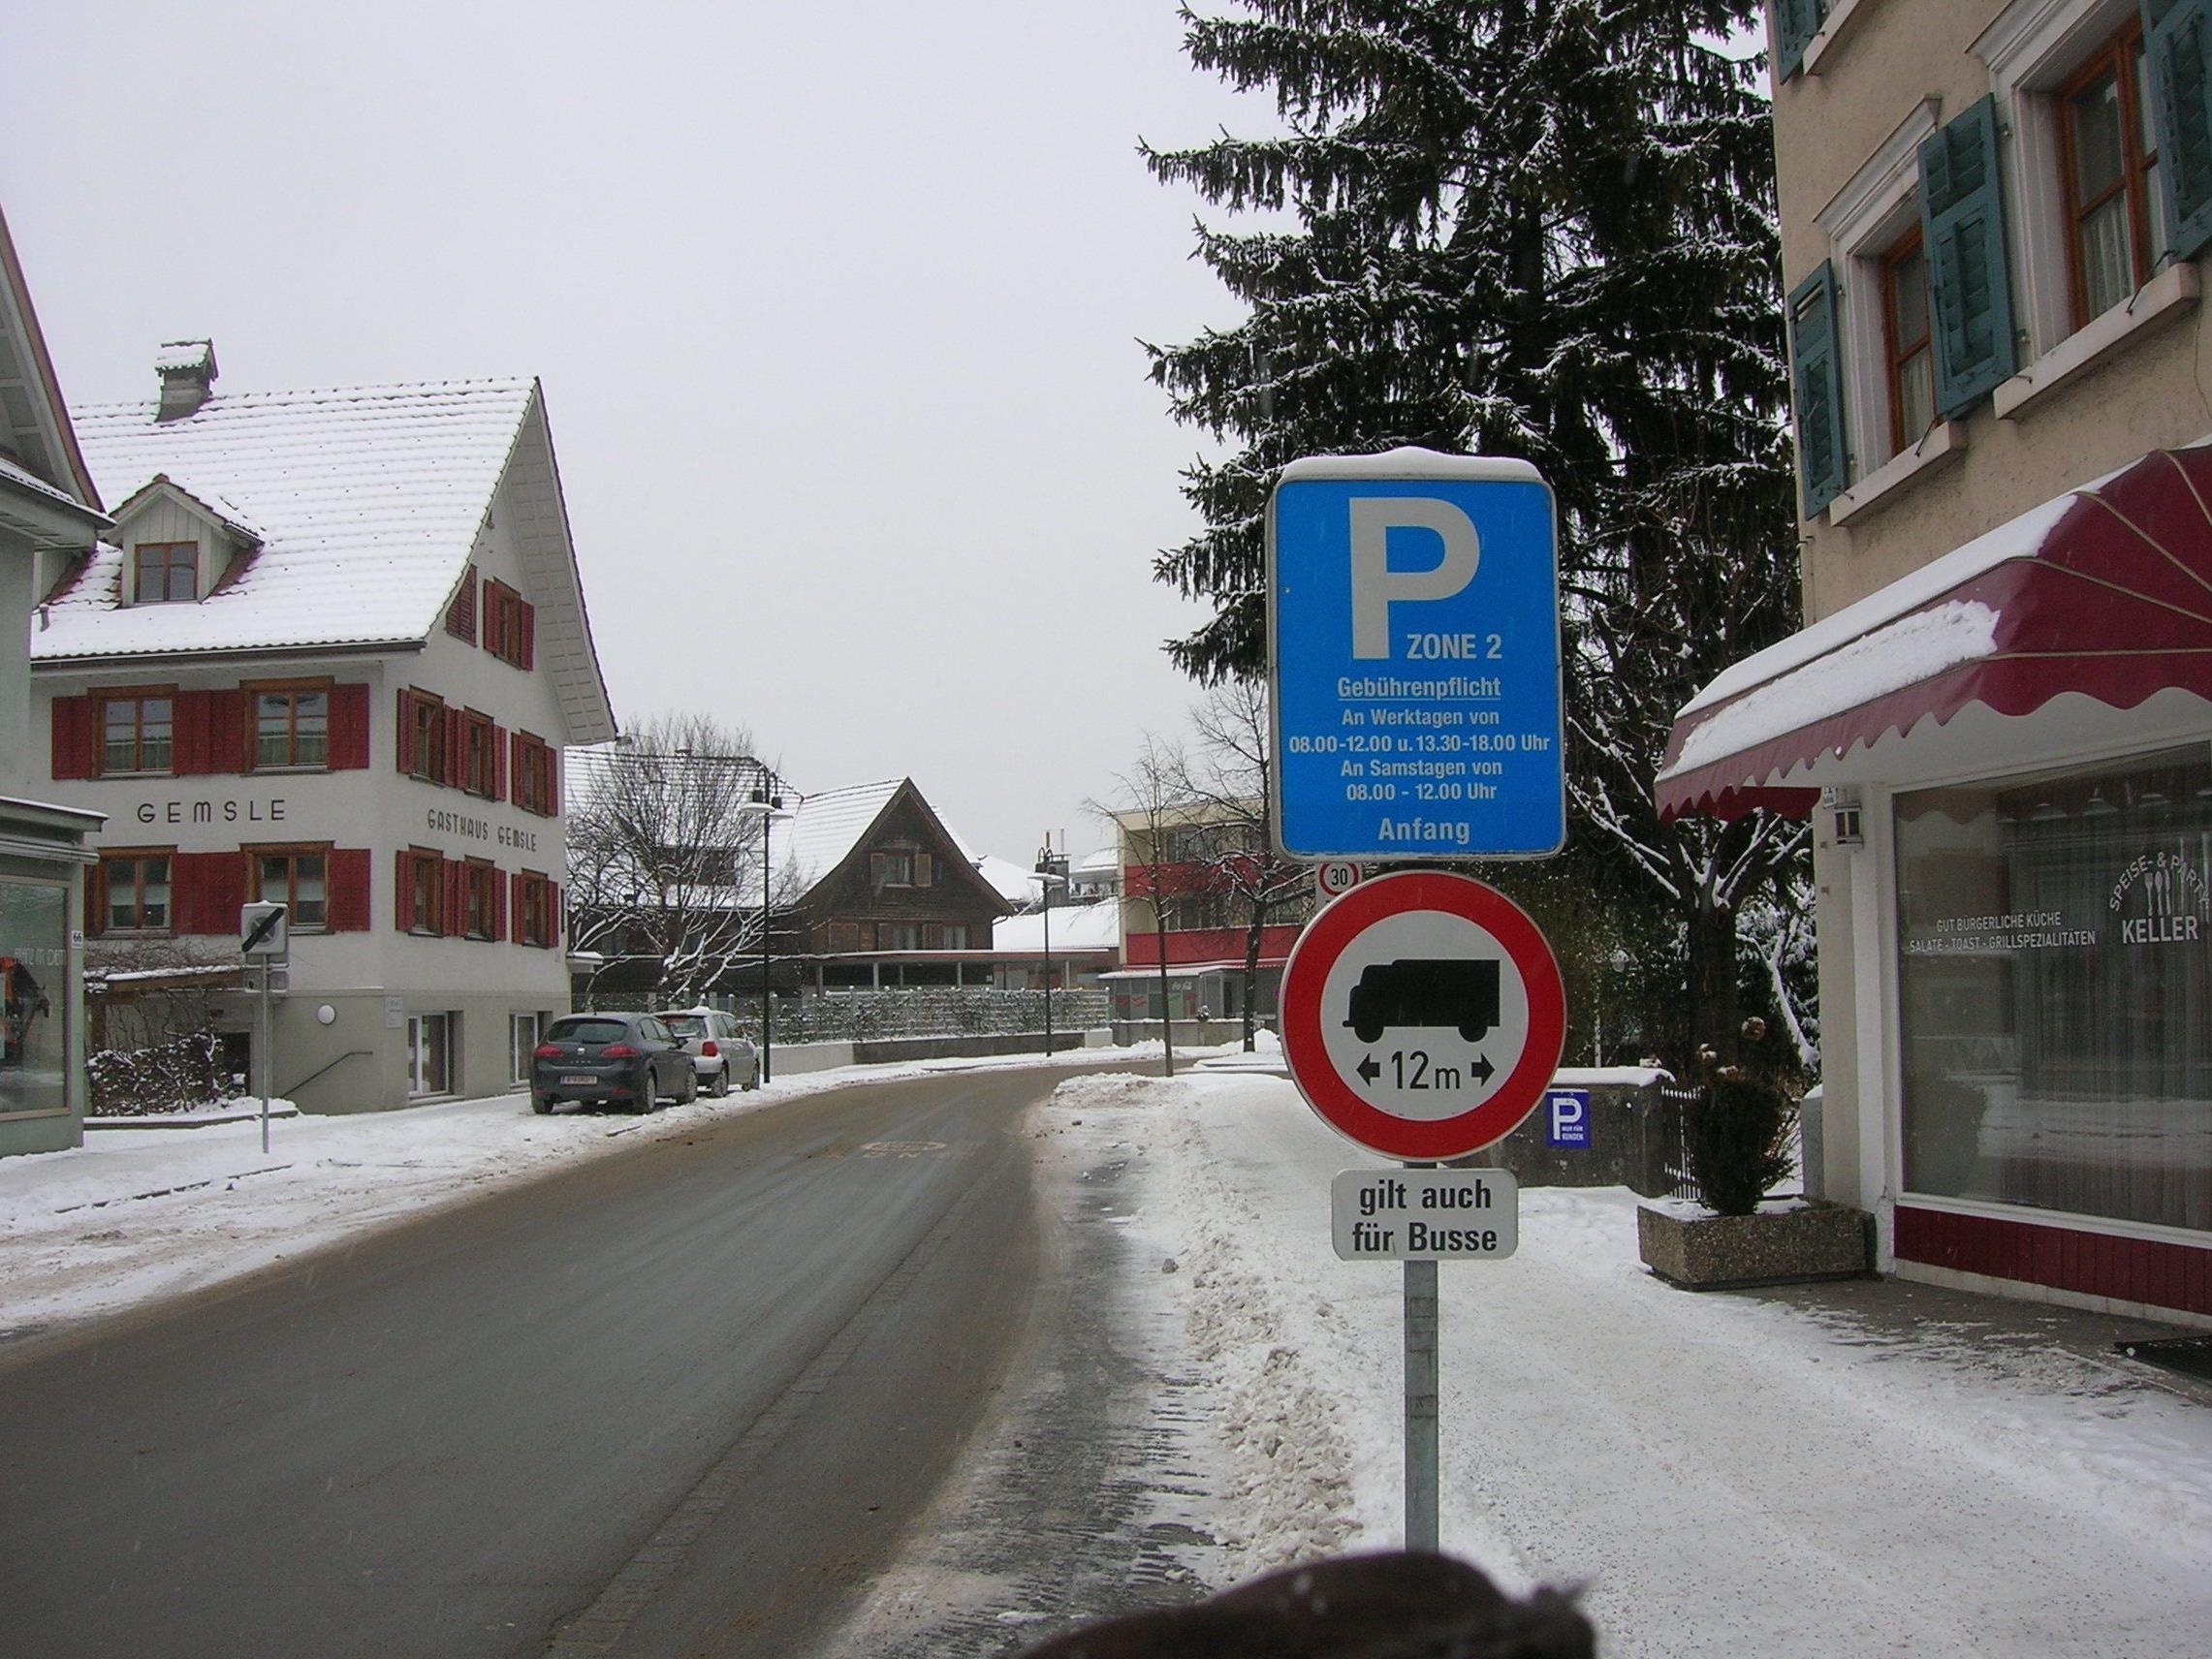 Die Parkraumbewirtschaftung wurde nun auch auf die äußere Marktstraße ausgeweitet.